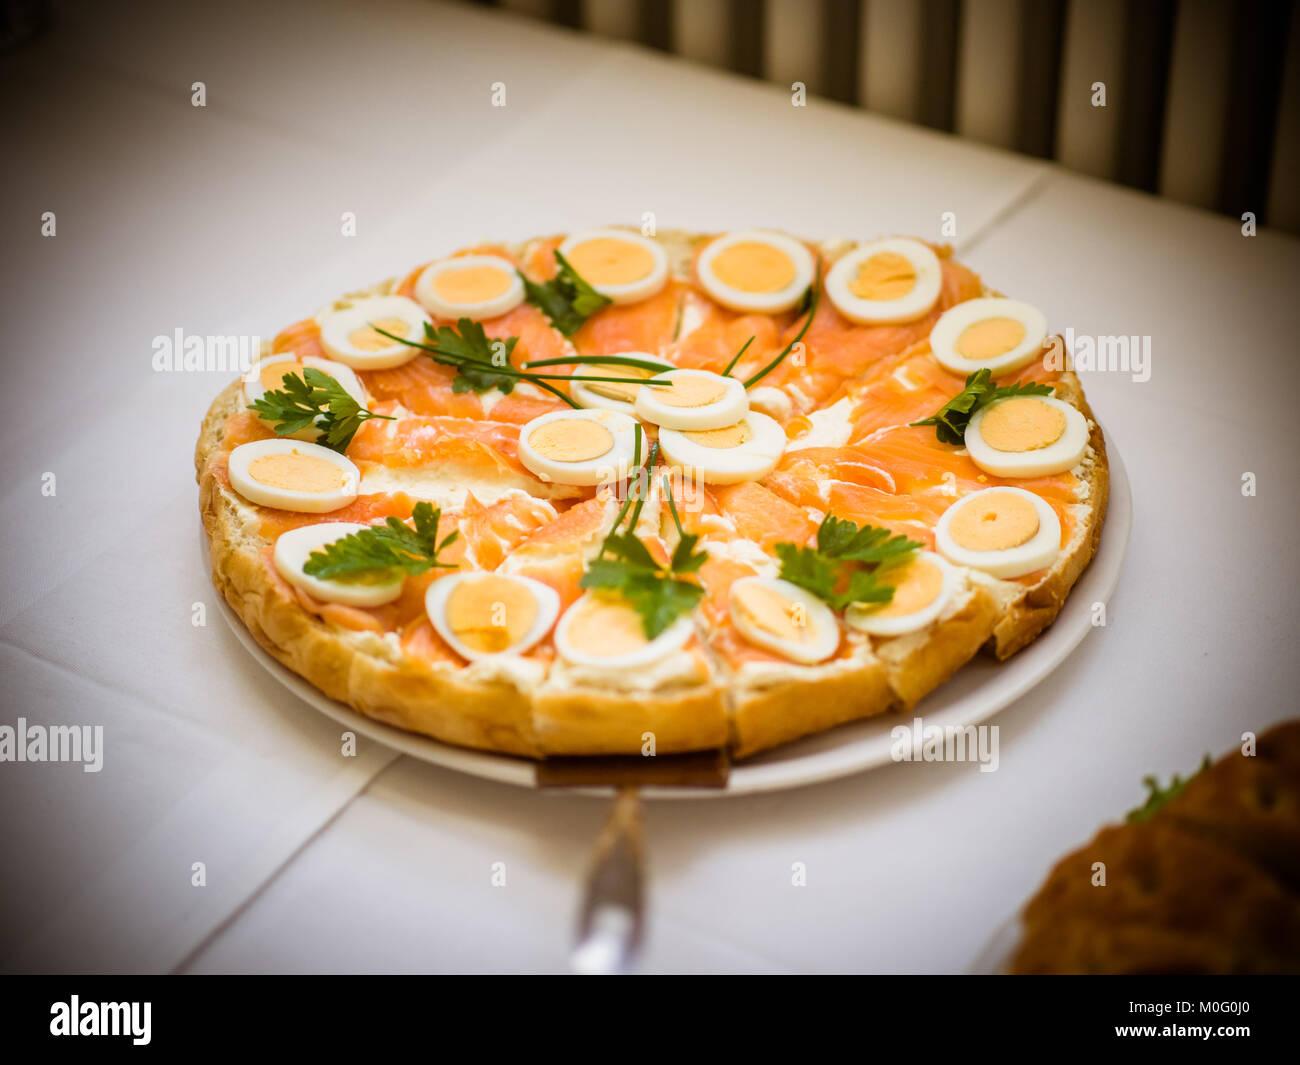 Die Herzhaften Kuchen Mit Lachs Ei Petersilie Stockfoto Bild